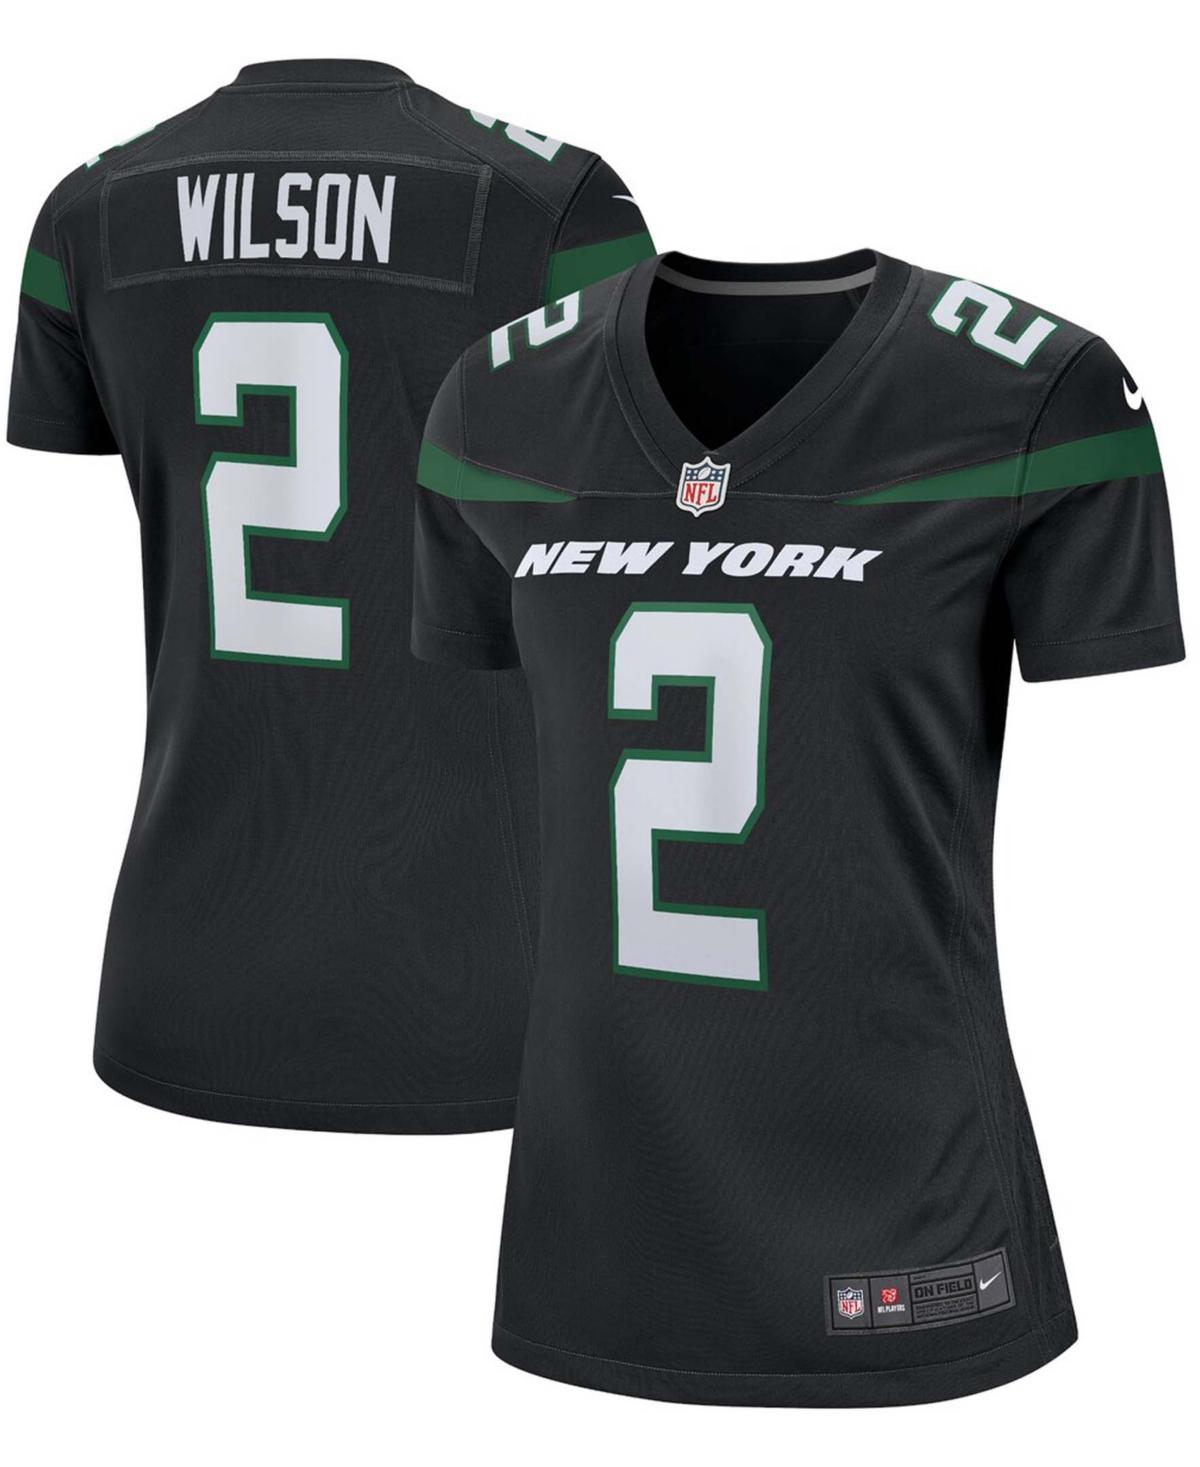 Women's Zach Wilson Black New York Jets Alternate 2021 Nfl Draft First Round Pick Game Jersey